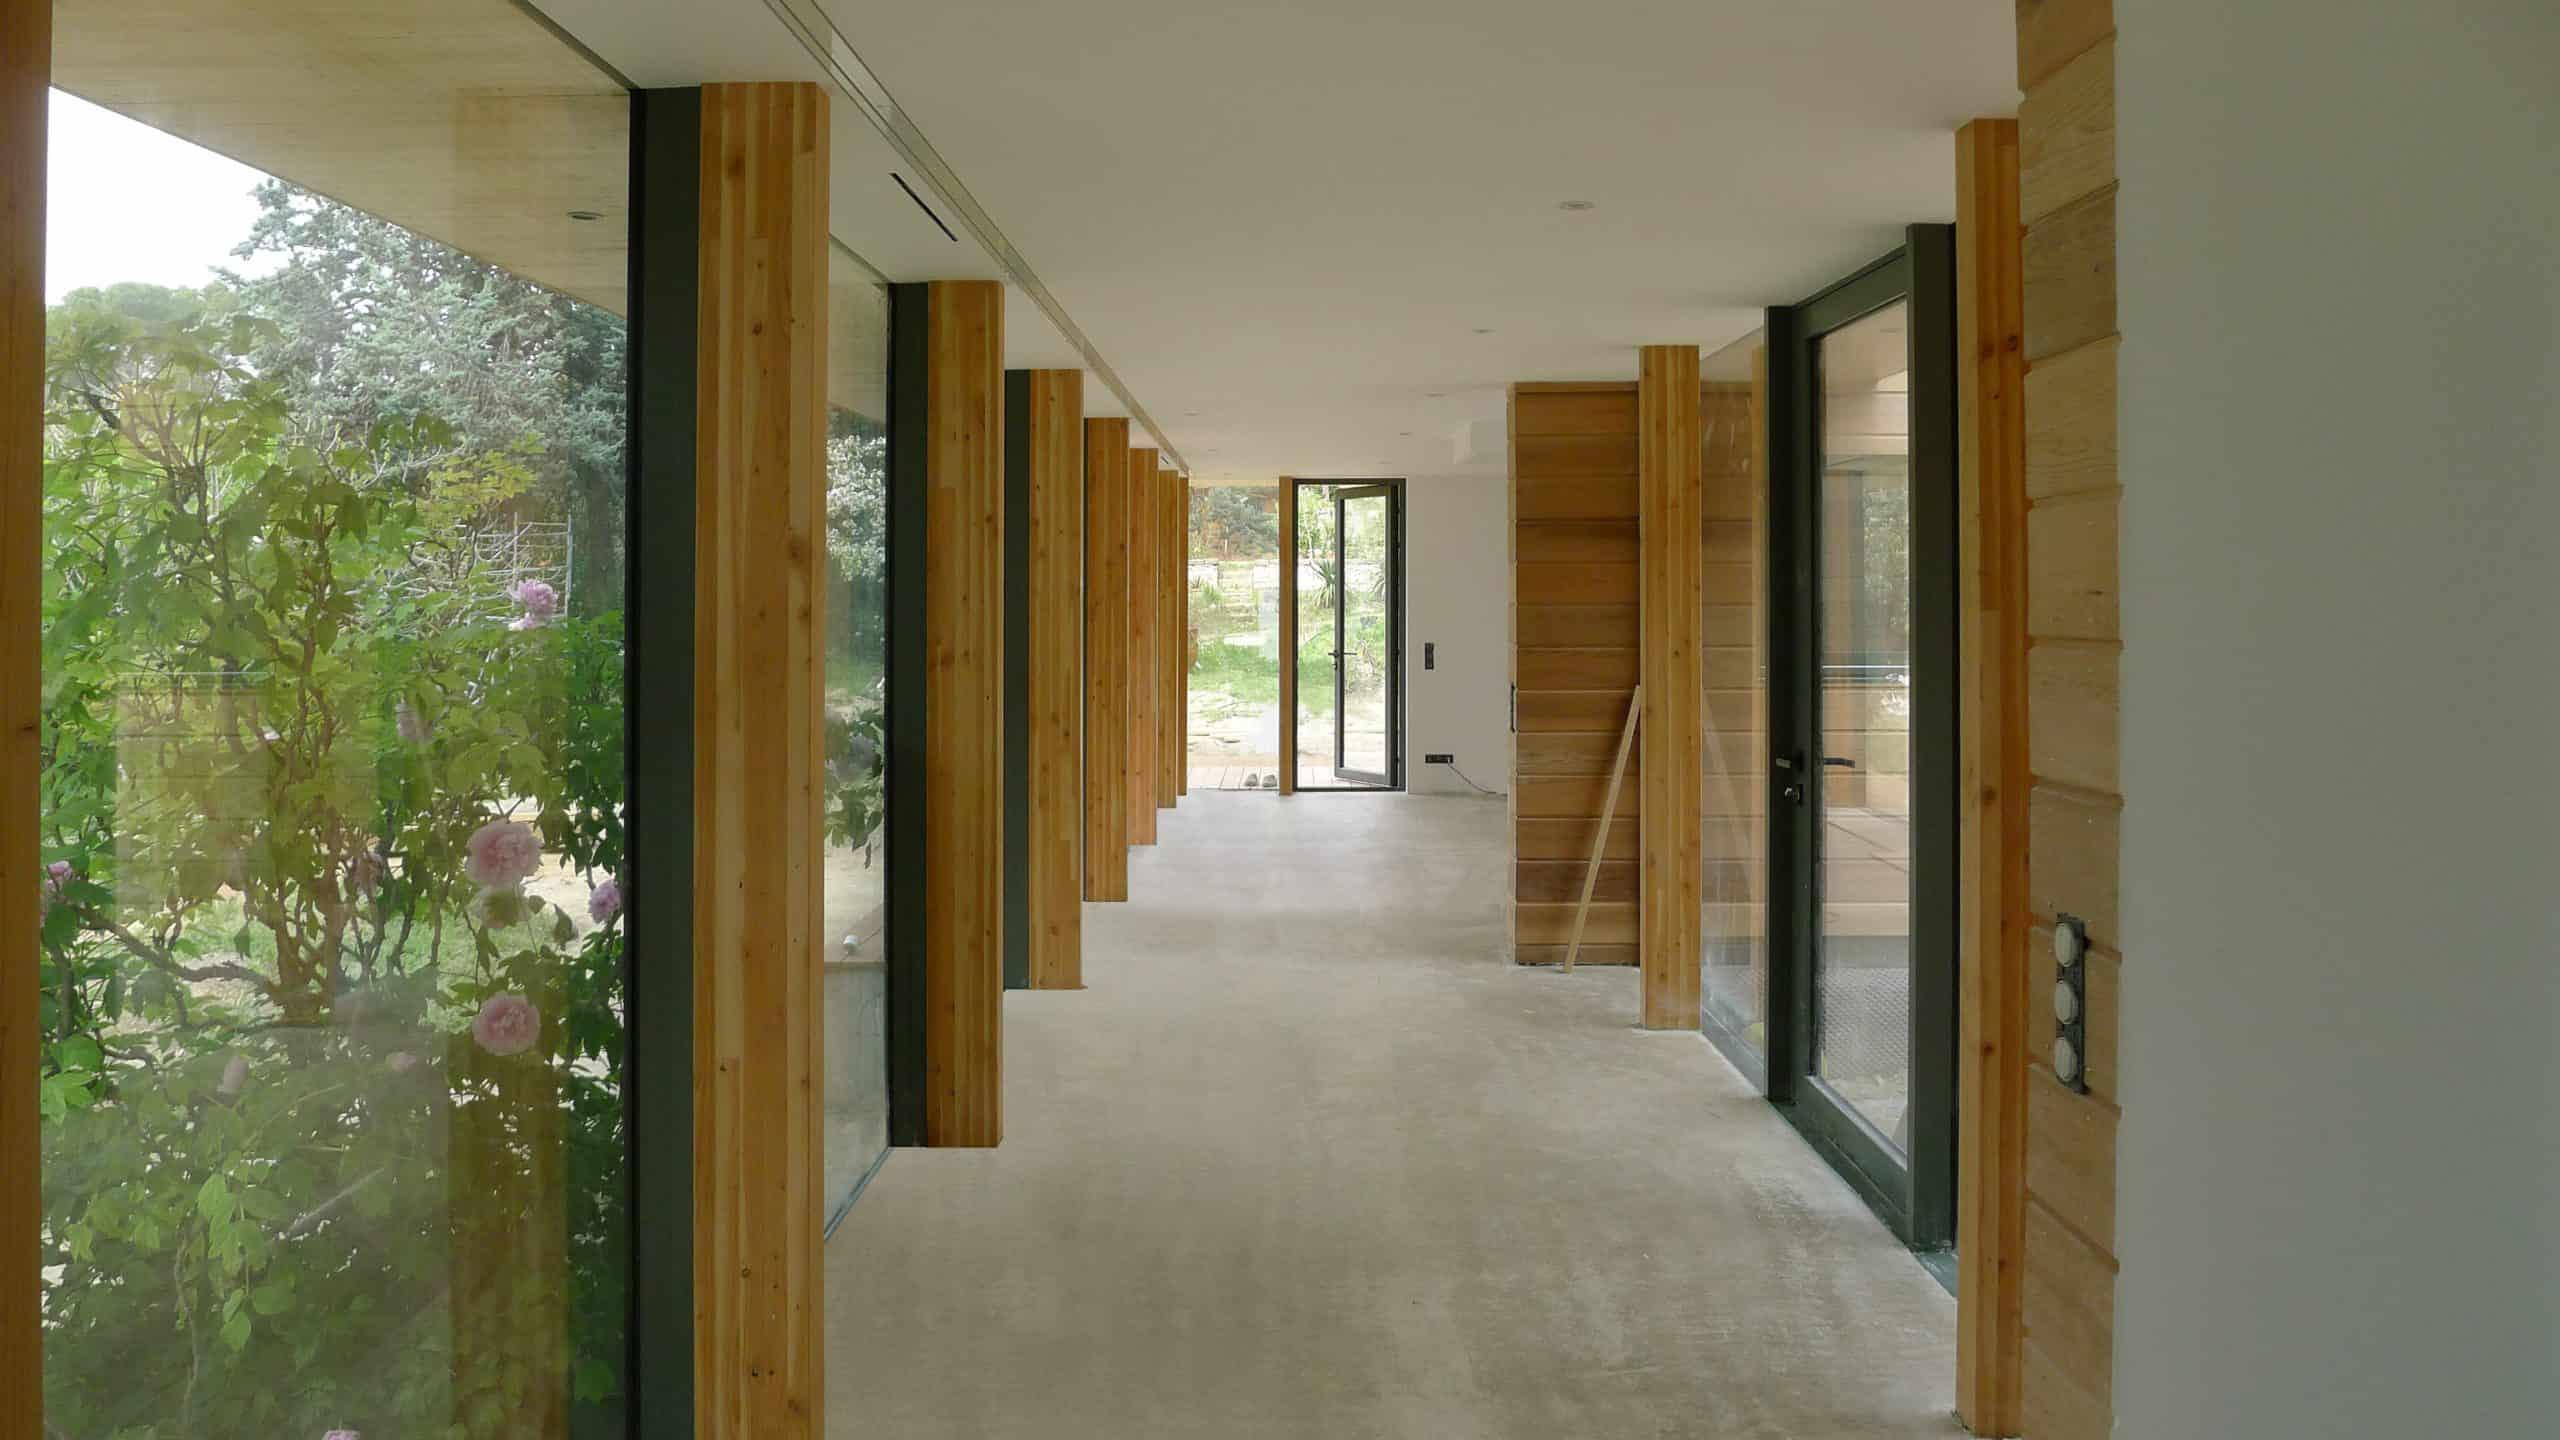 guillaume pepin architecte maison bois aix en provence batiment realisation_06